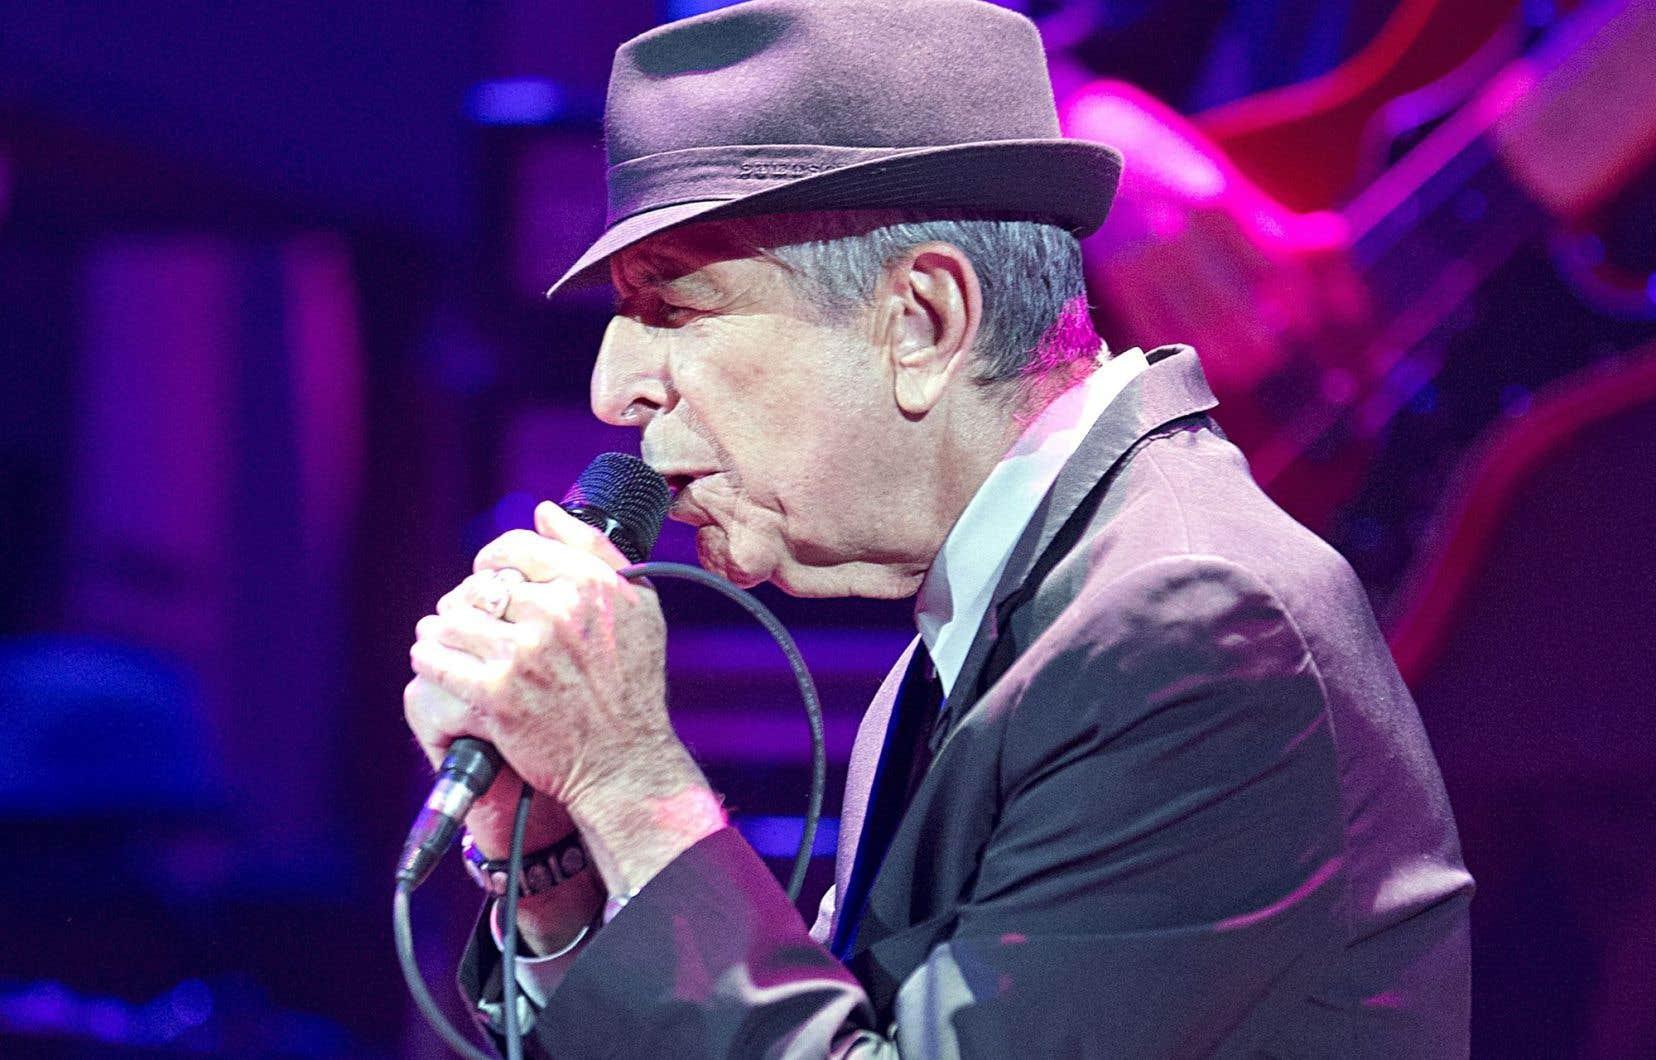 Les données publiées lundi montrent que les Allemands sont nombreux à chanter «Hallelujah» de Leonard Cohen.